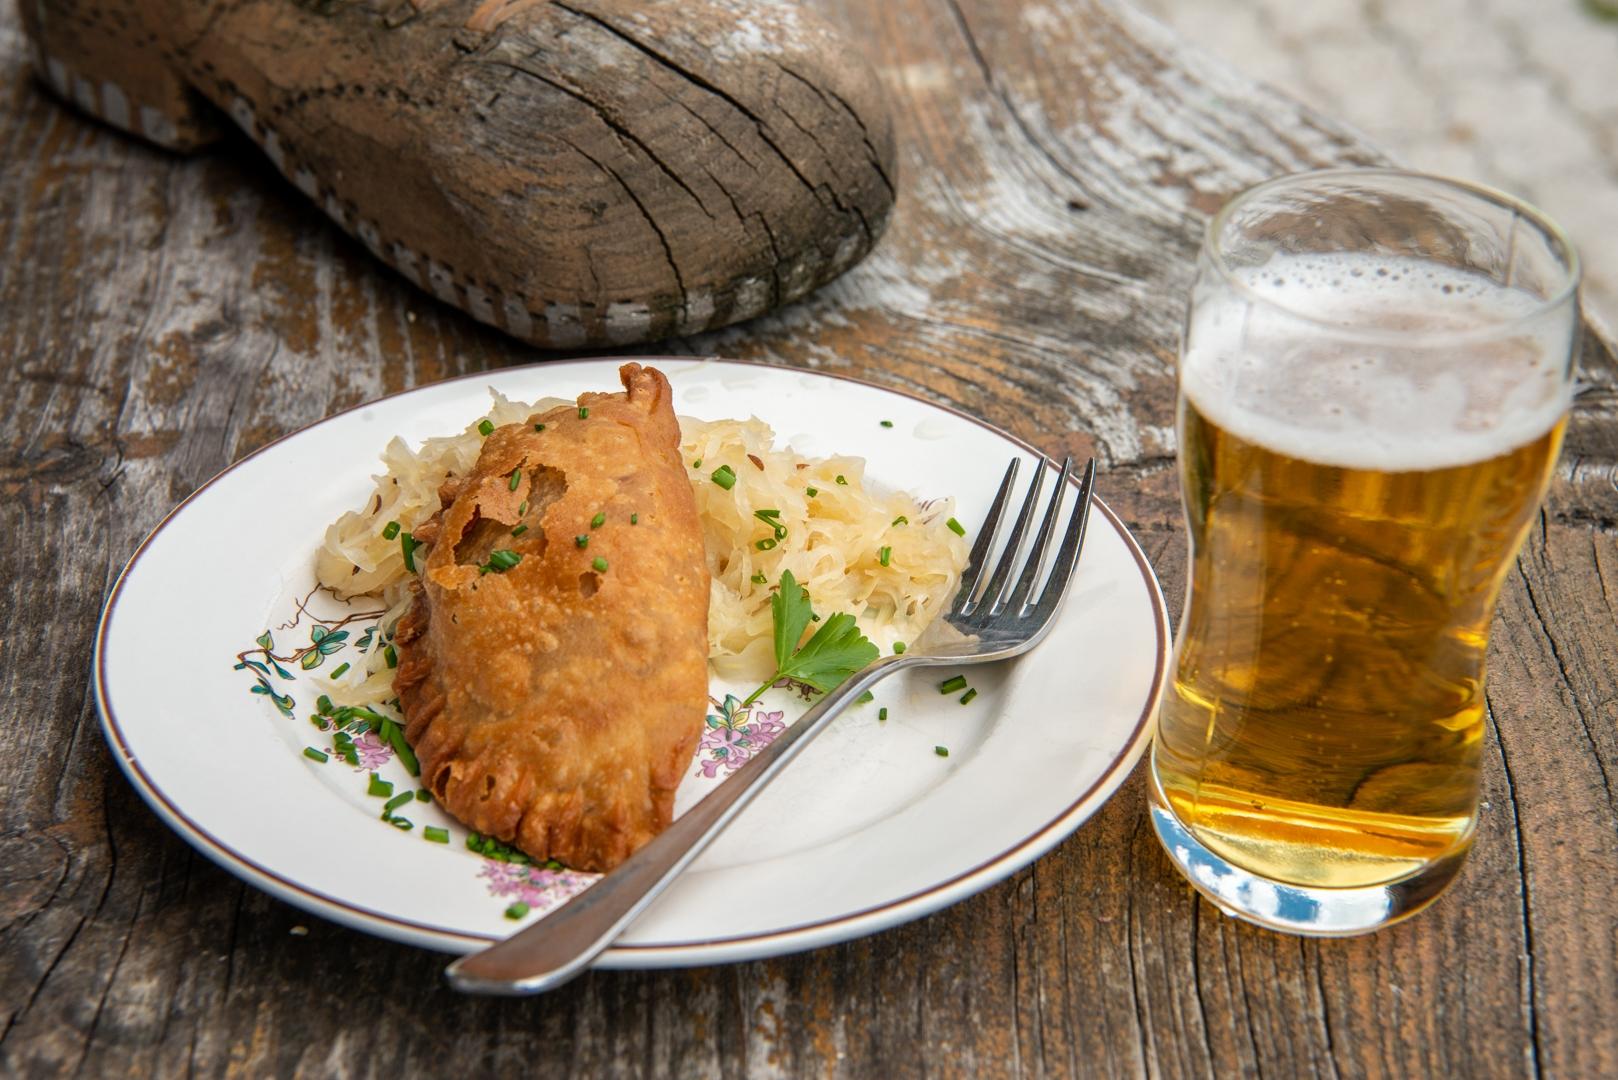 Fleischkrapfen mit Sauerkraut und Bier. c Edith Danzer